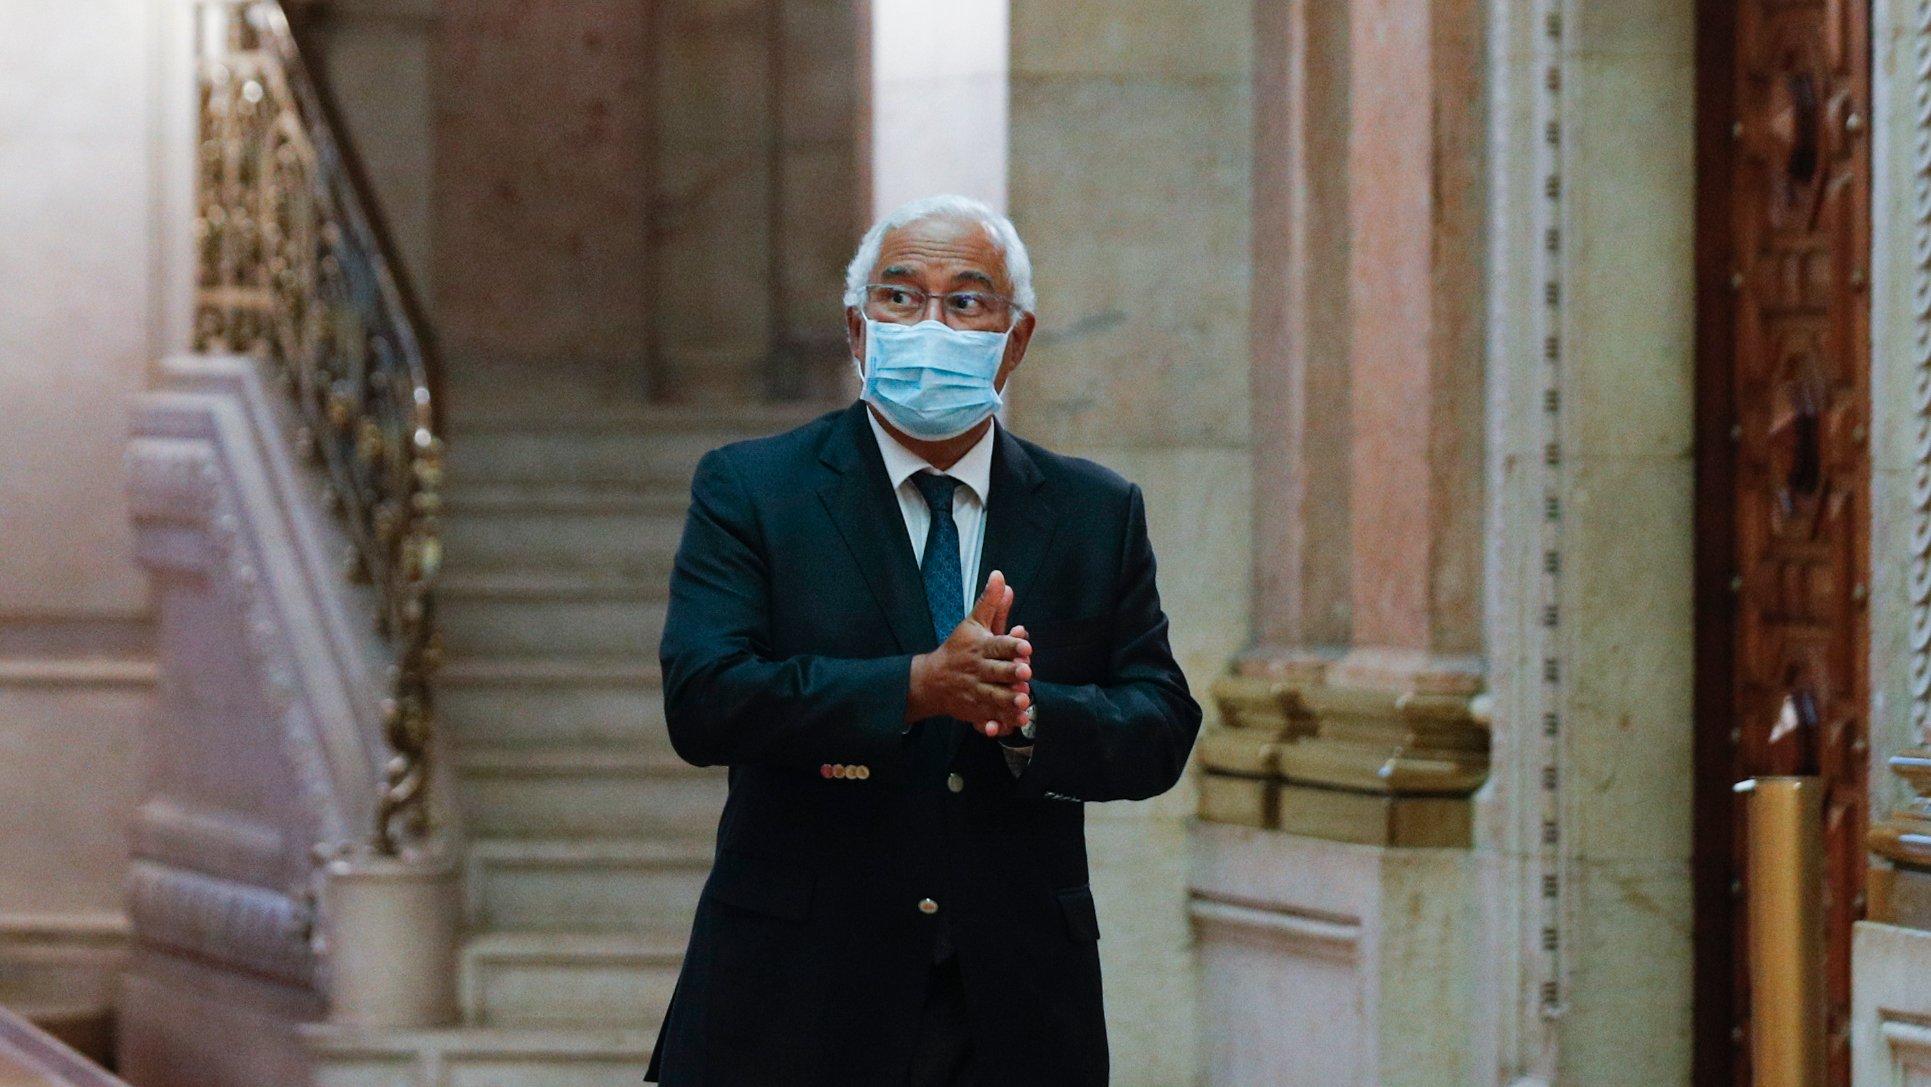 O primeiro-ministro, António Costa, à chegada para o debate sobre política geral na Assembleia da República, em Lisboa, 07 de junho de 2021. ANTÓNIO COTRIM/LUSA